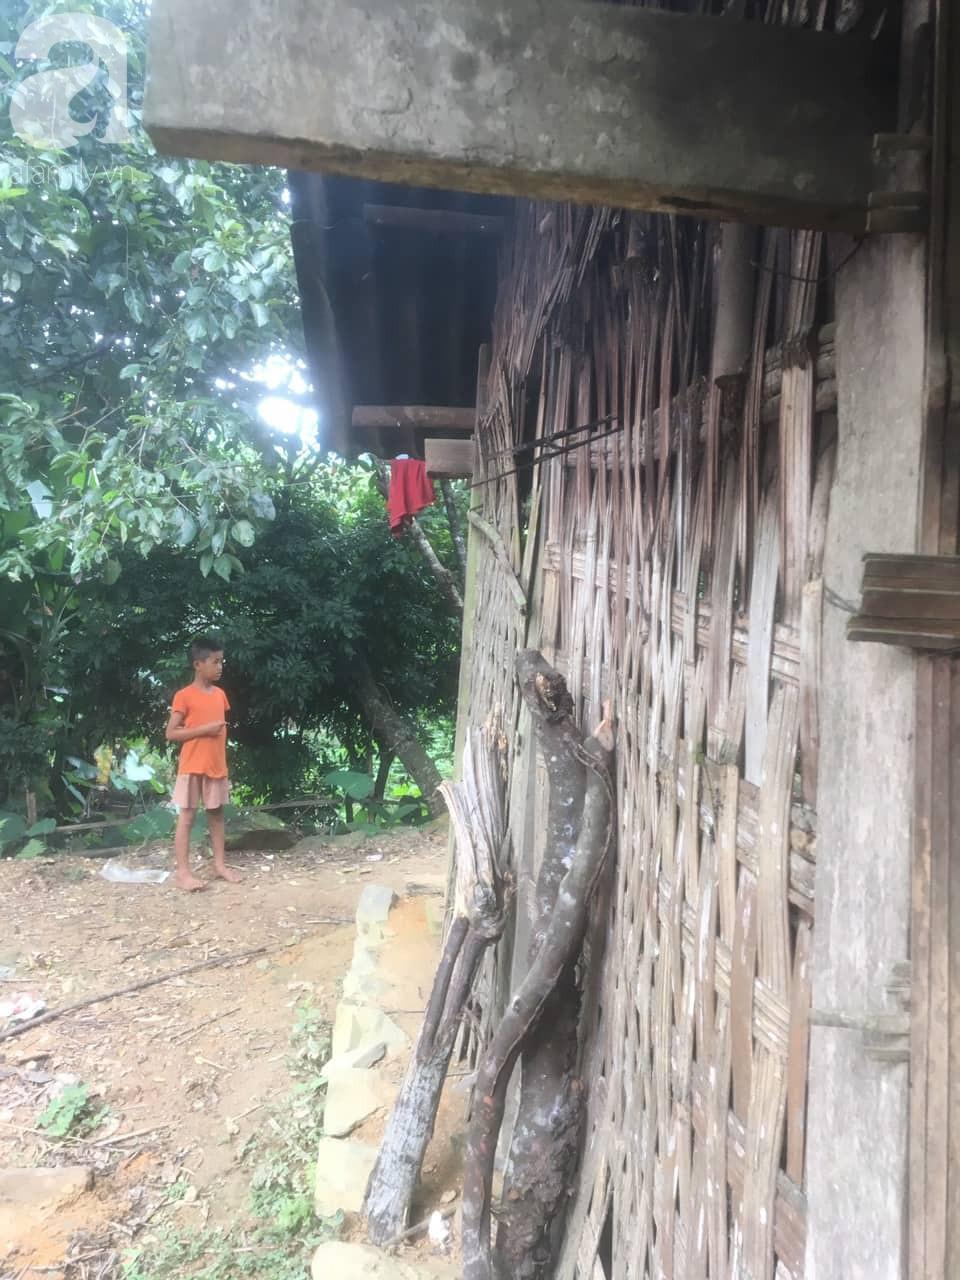 Bé gái 13 tuổi nghi bị gã hàng xóm xâm hại nhiều lần rồi dọa giết nếu tiết lộ ở Hà Giang - Ảnh 4